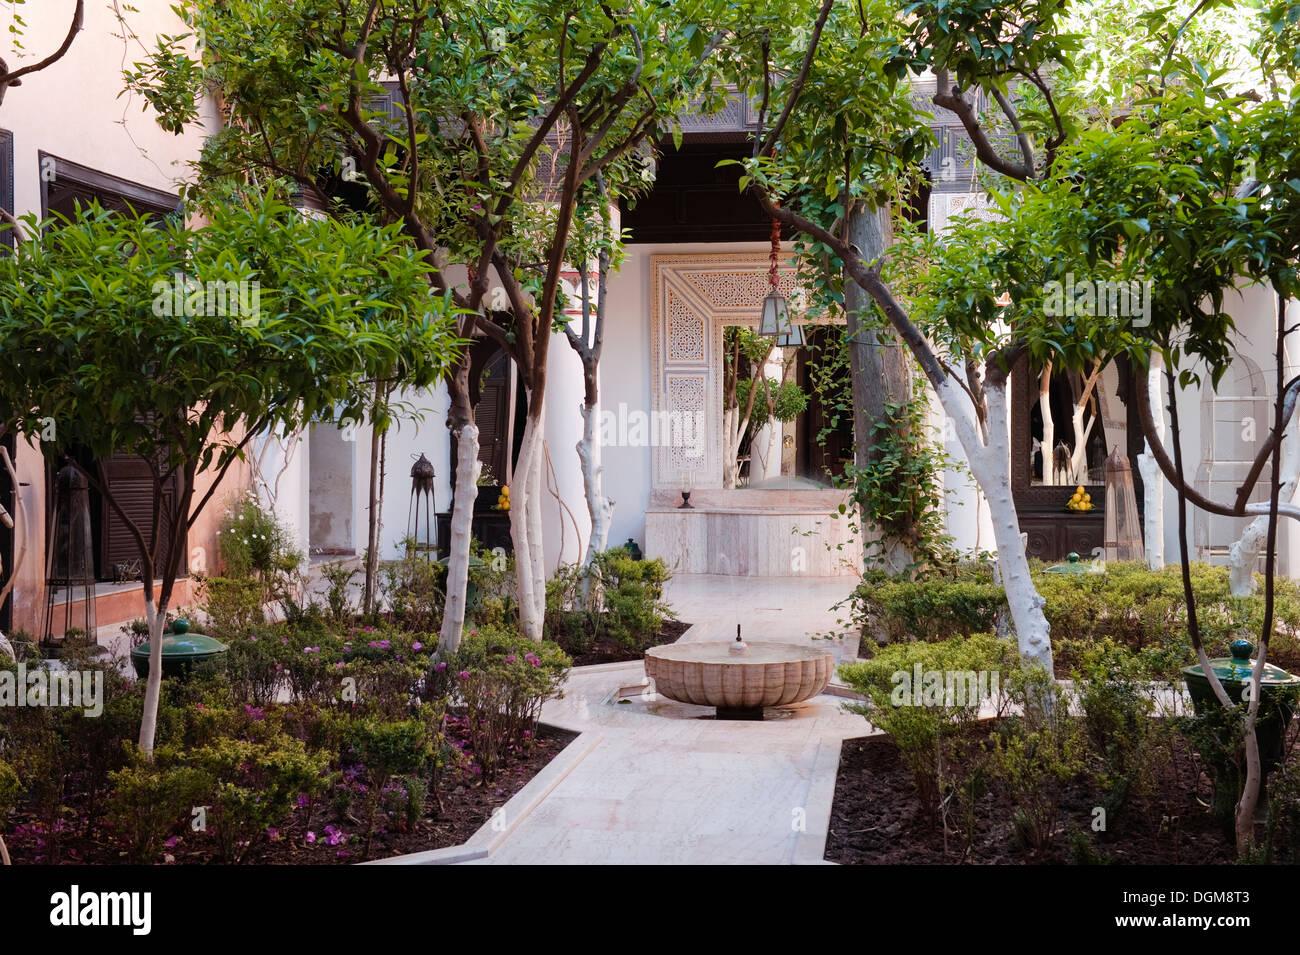 Moroccan Garden Courtyard Stock Photo 61911587 Alamy